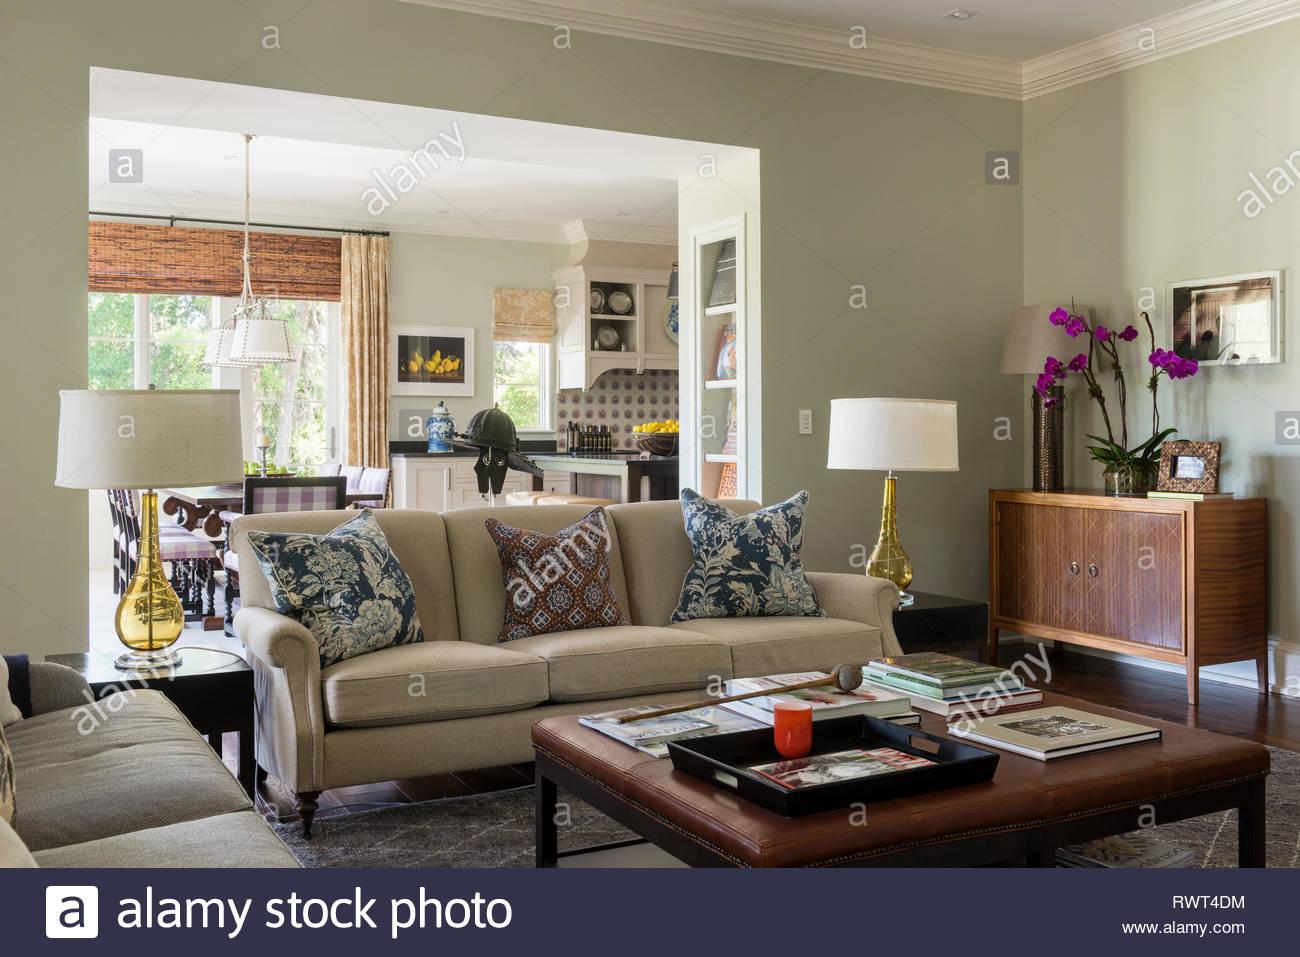 Landhausstil Wohnzimmer Mit Passenden Lampen Stockbild